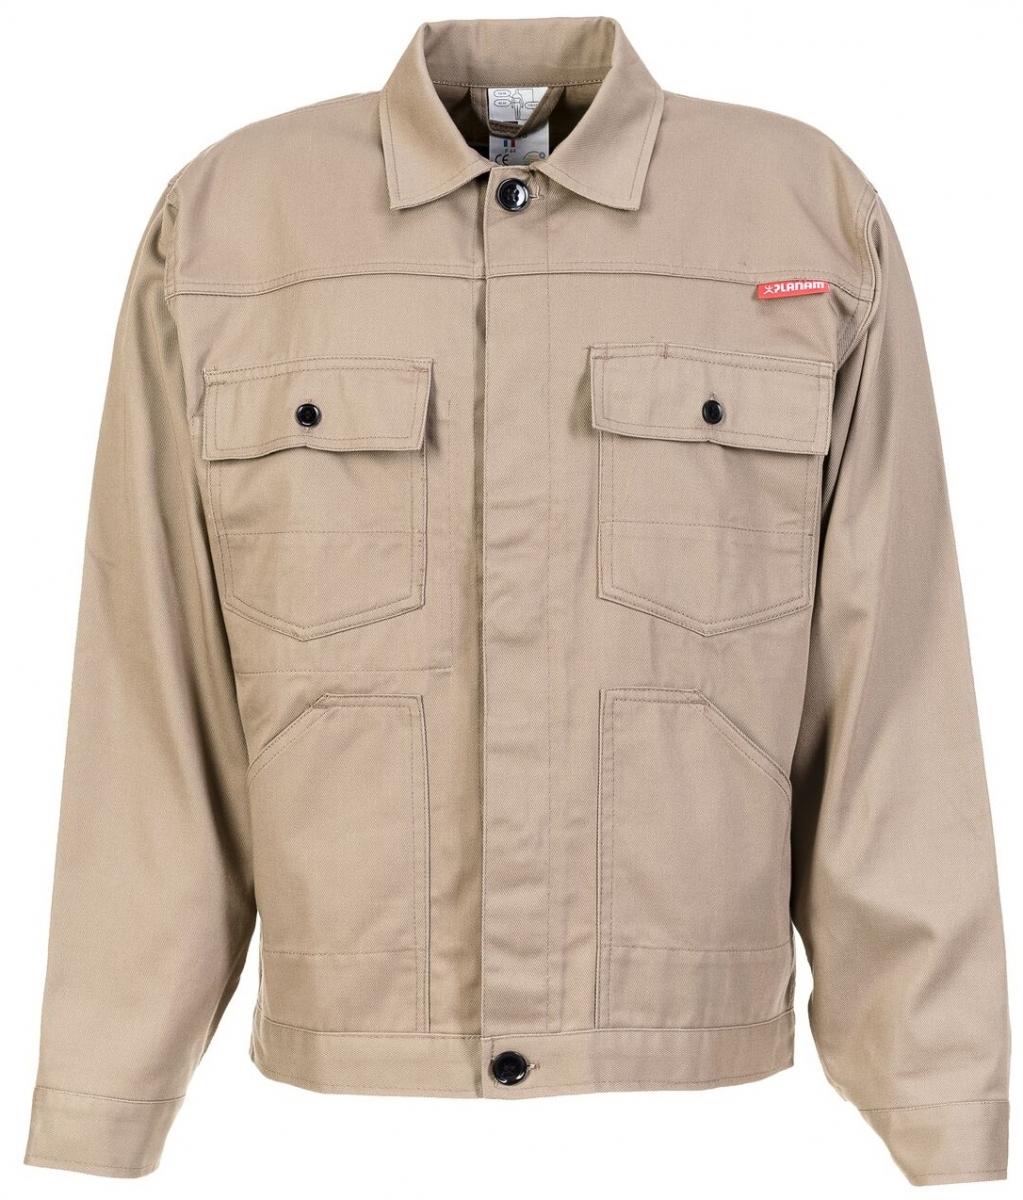 PLANAM Bundjacke, Arbeits-Berufs-Jacke, MG 290, khaki